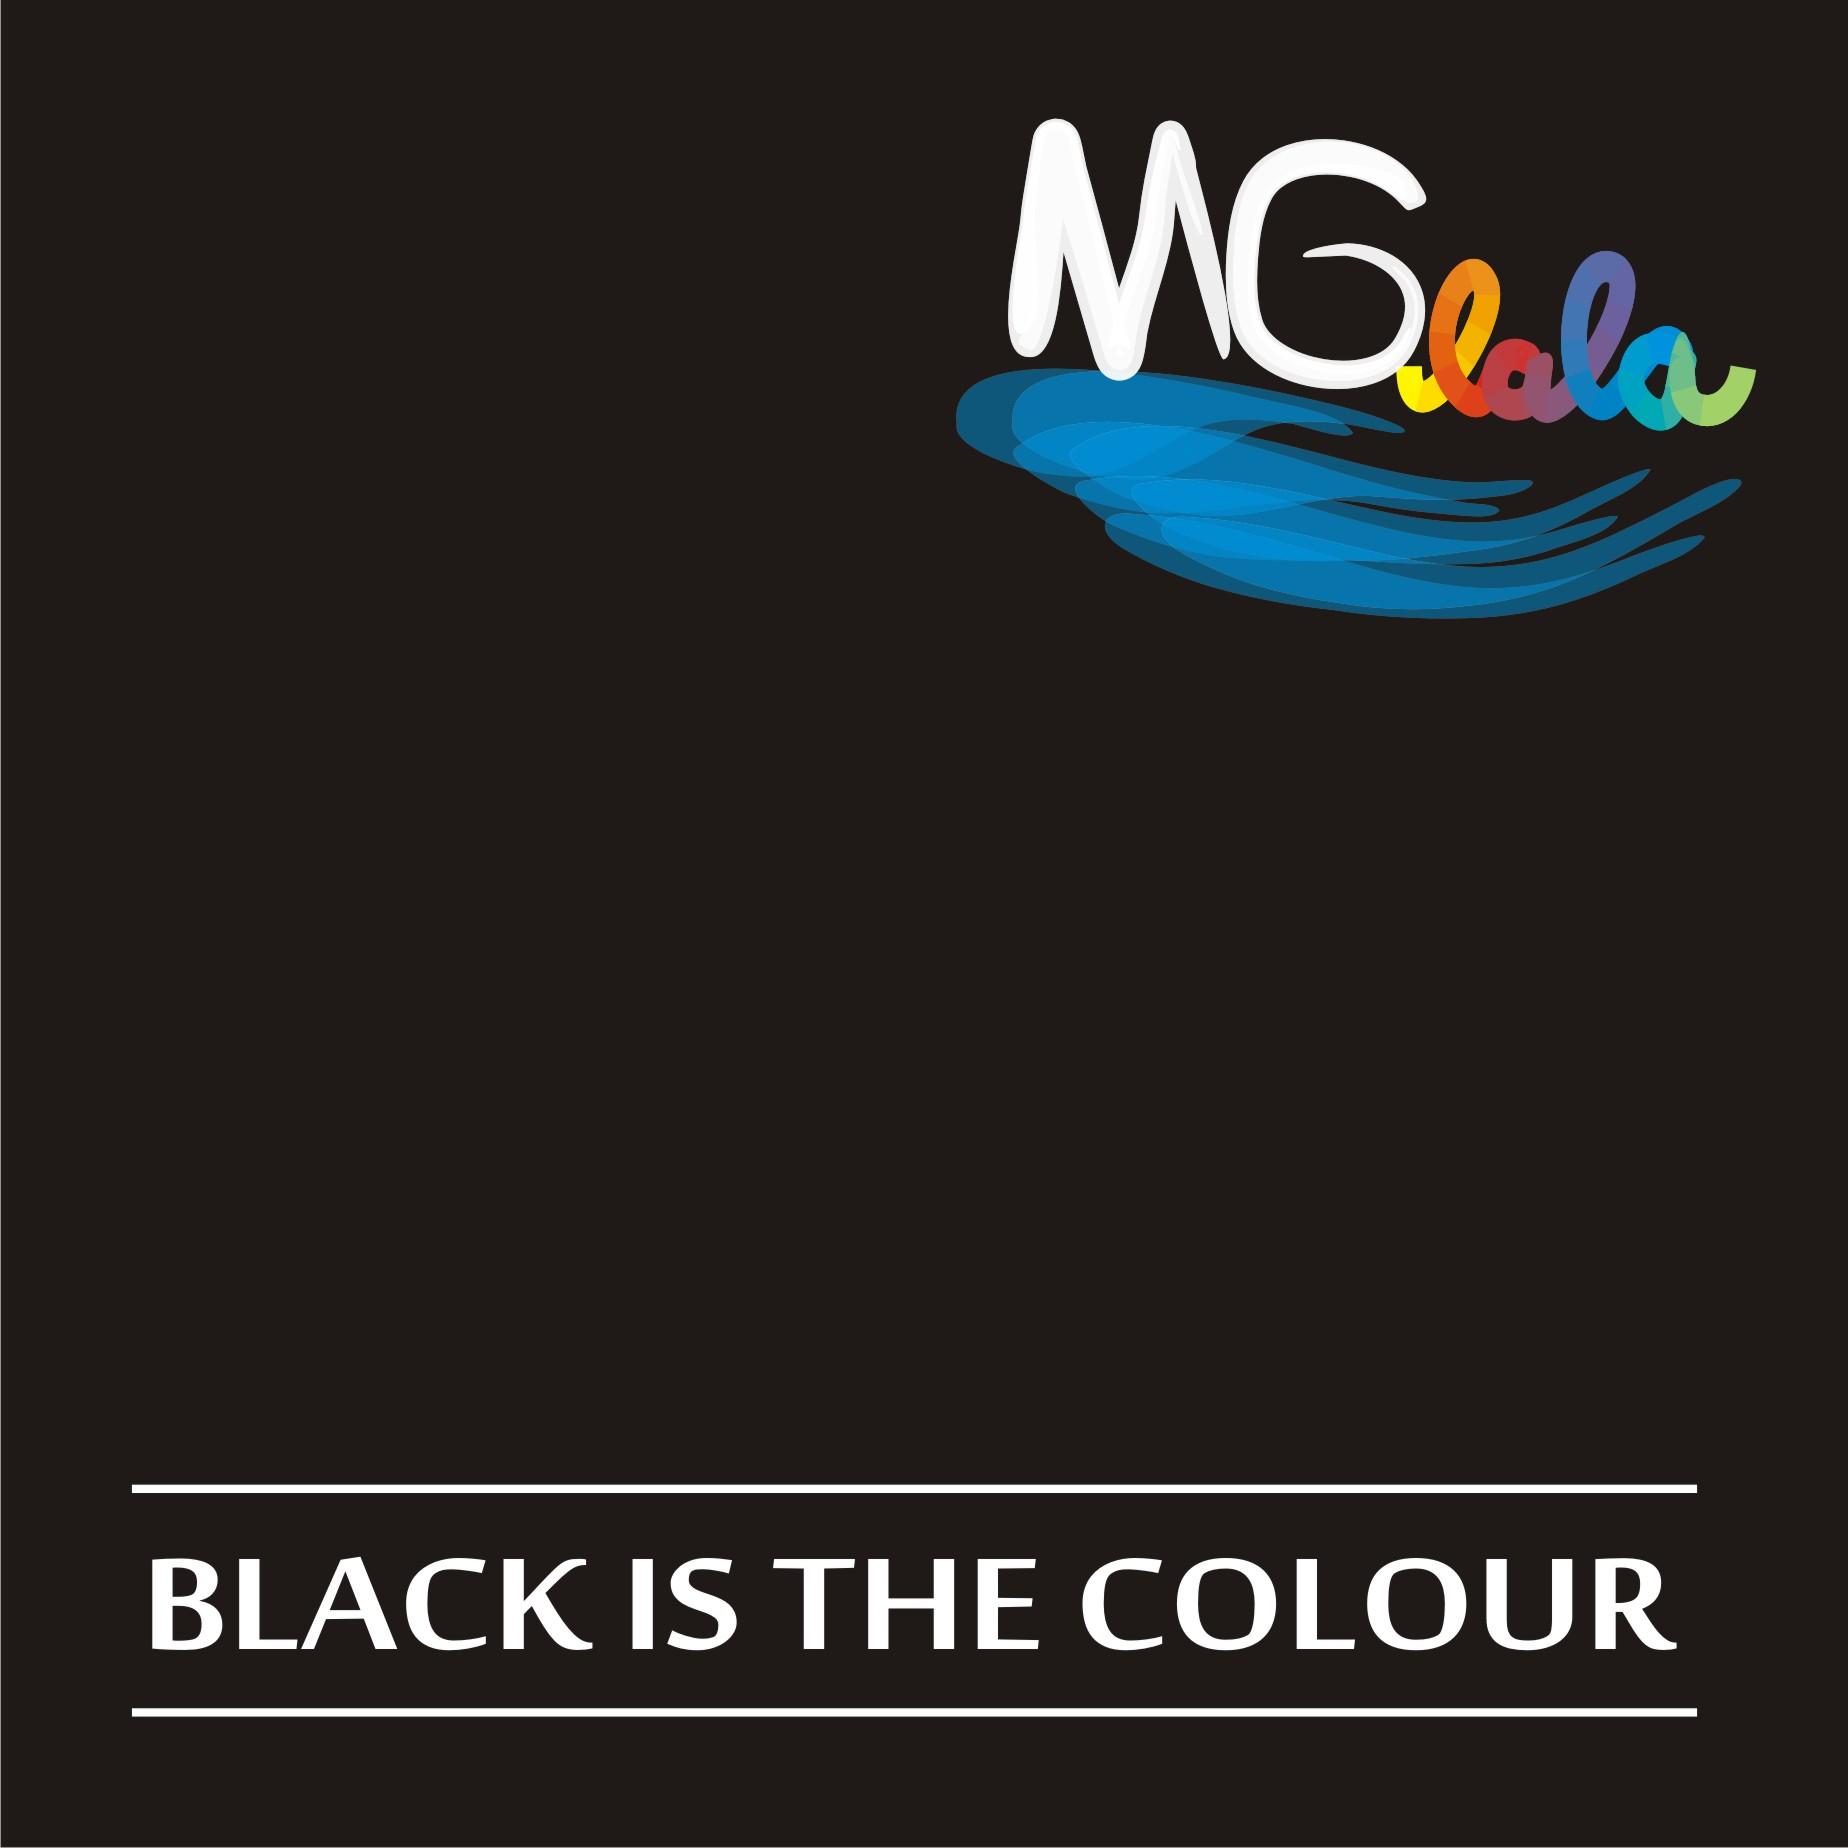 blackisthecolour